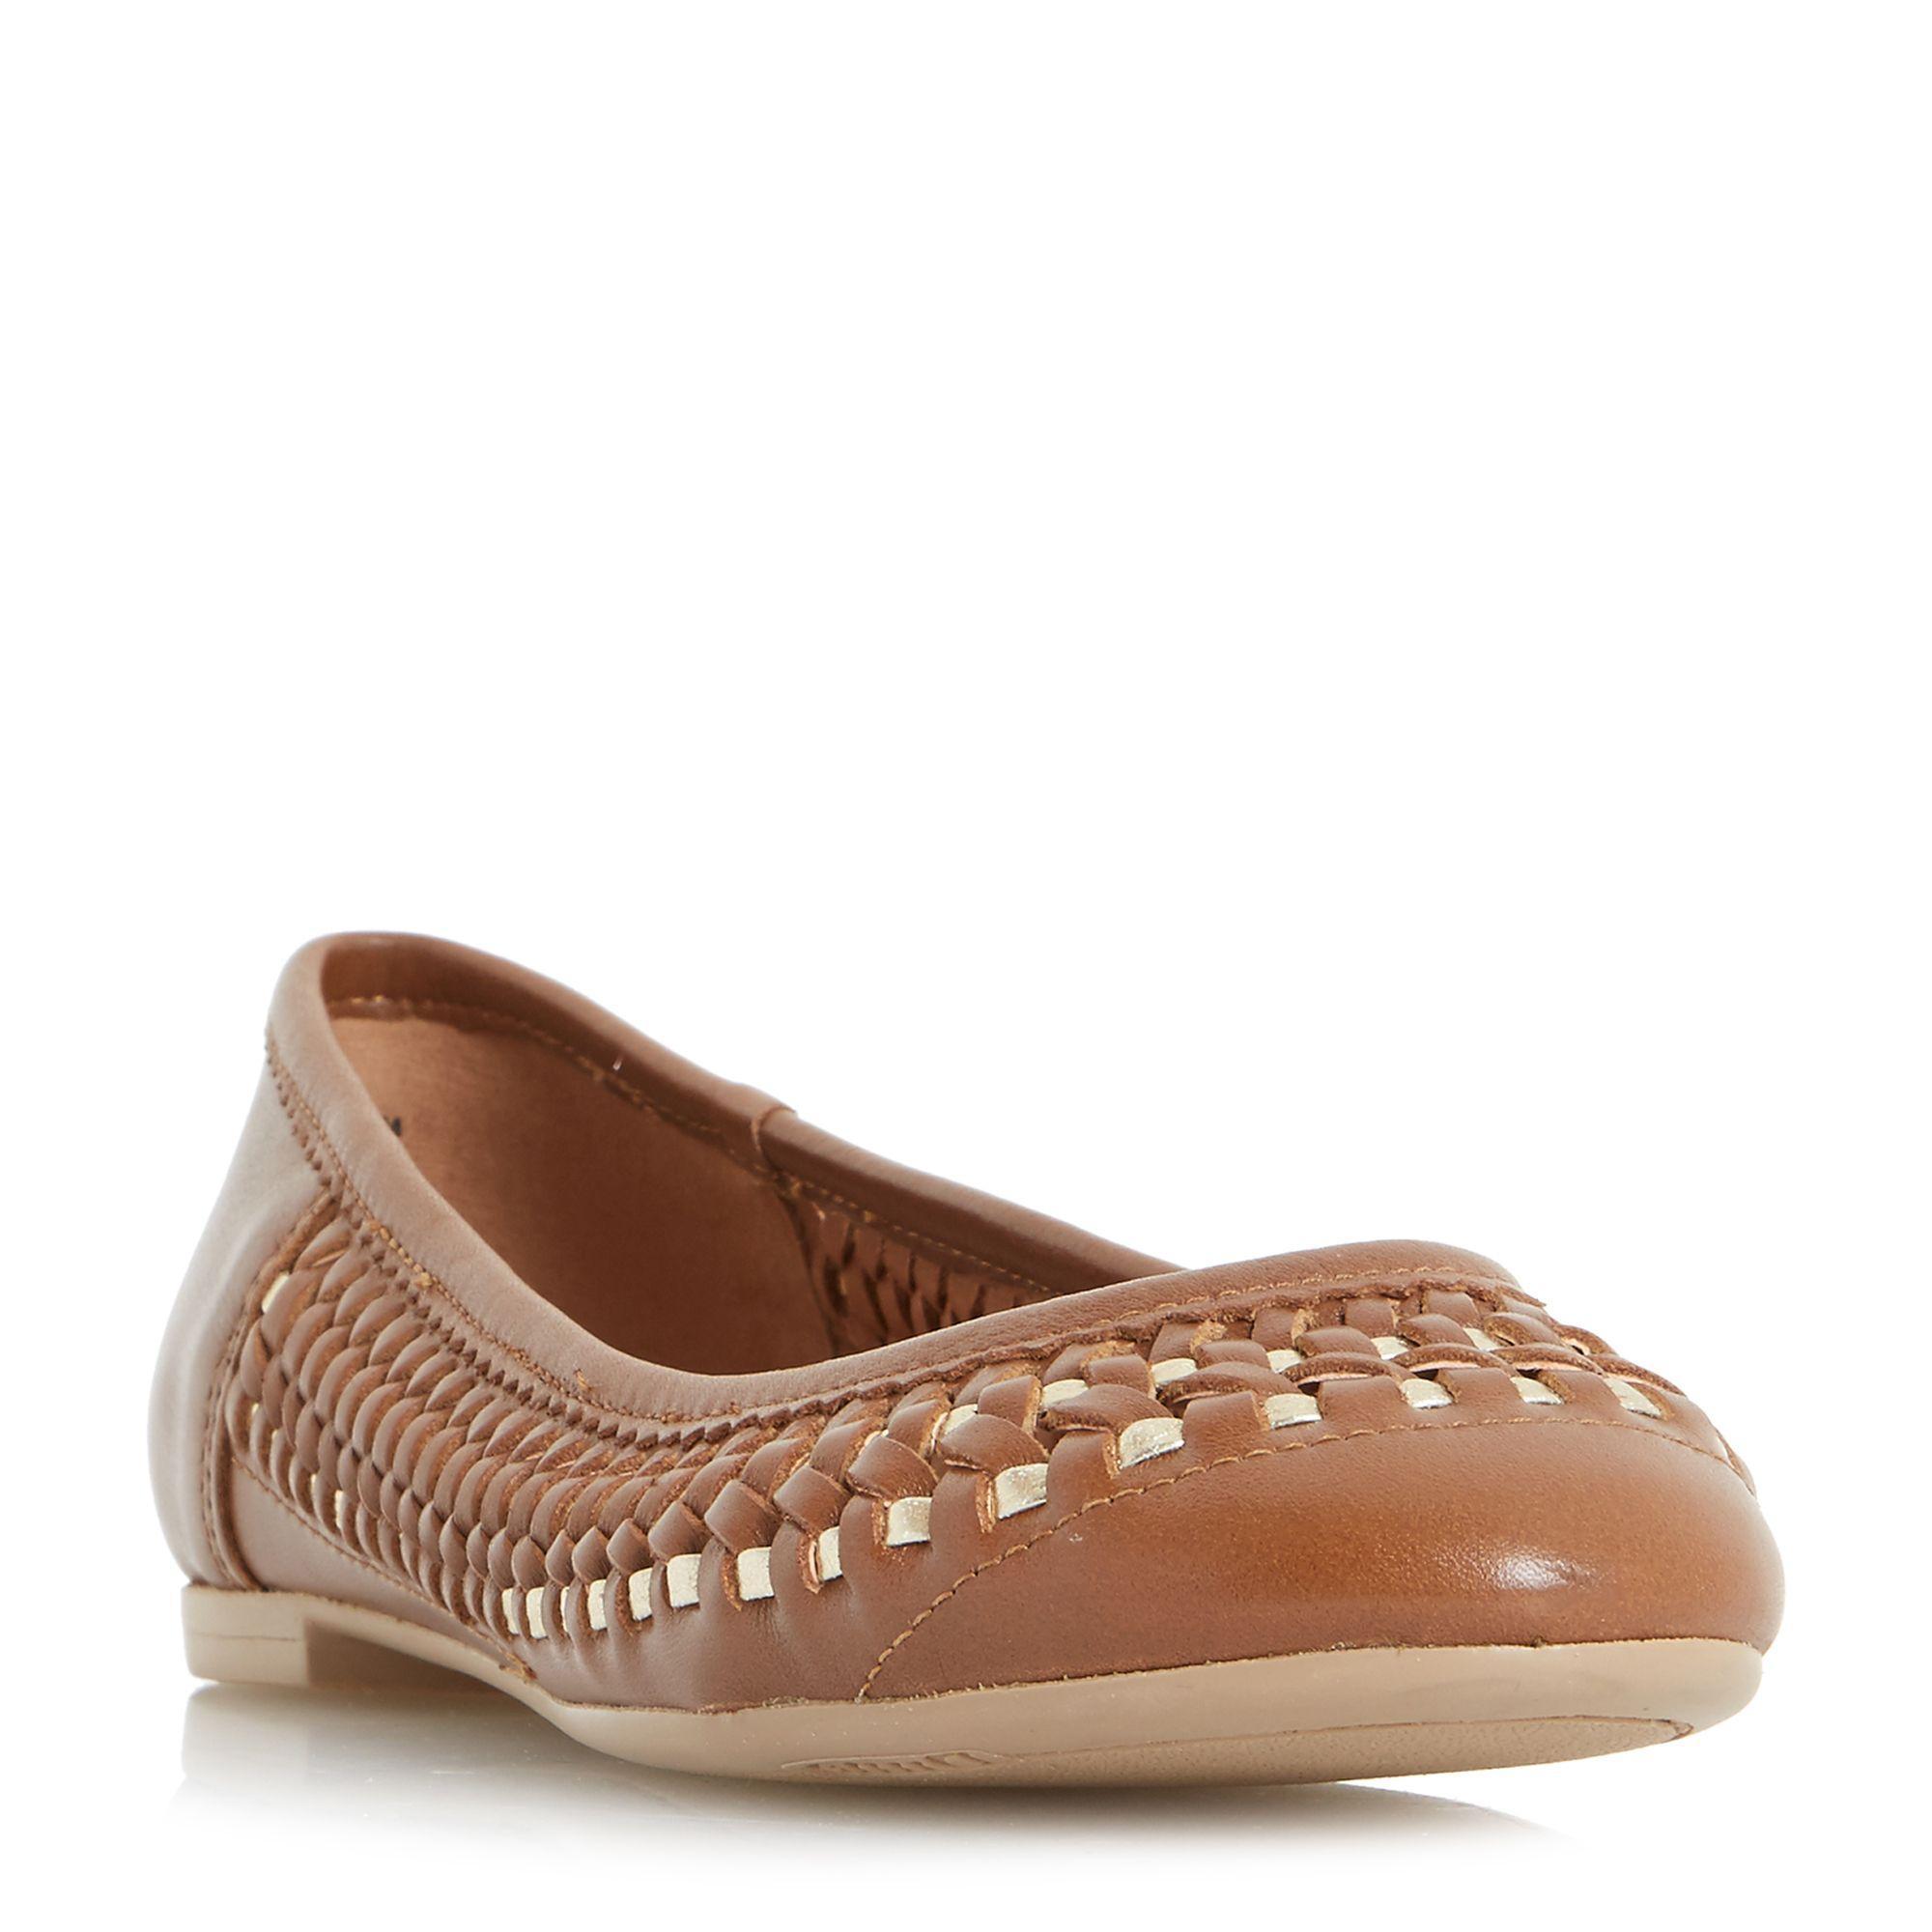 Tan Women Flat Shoes